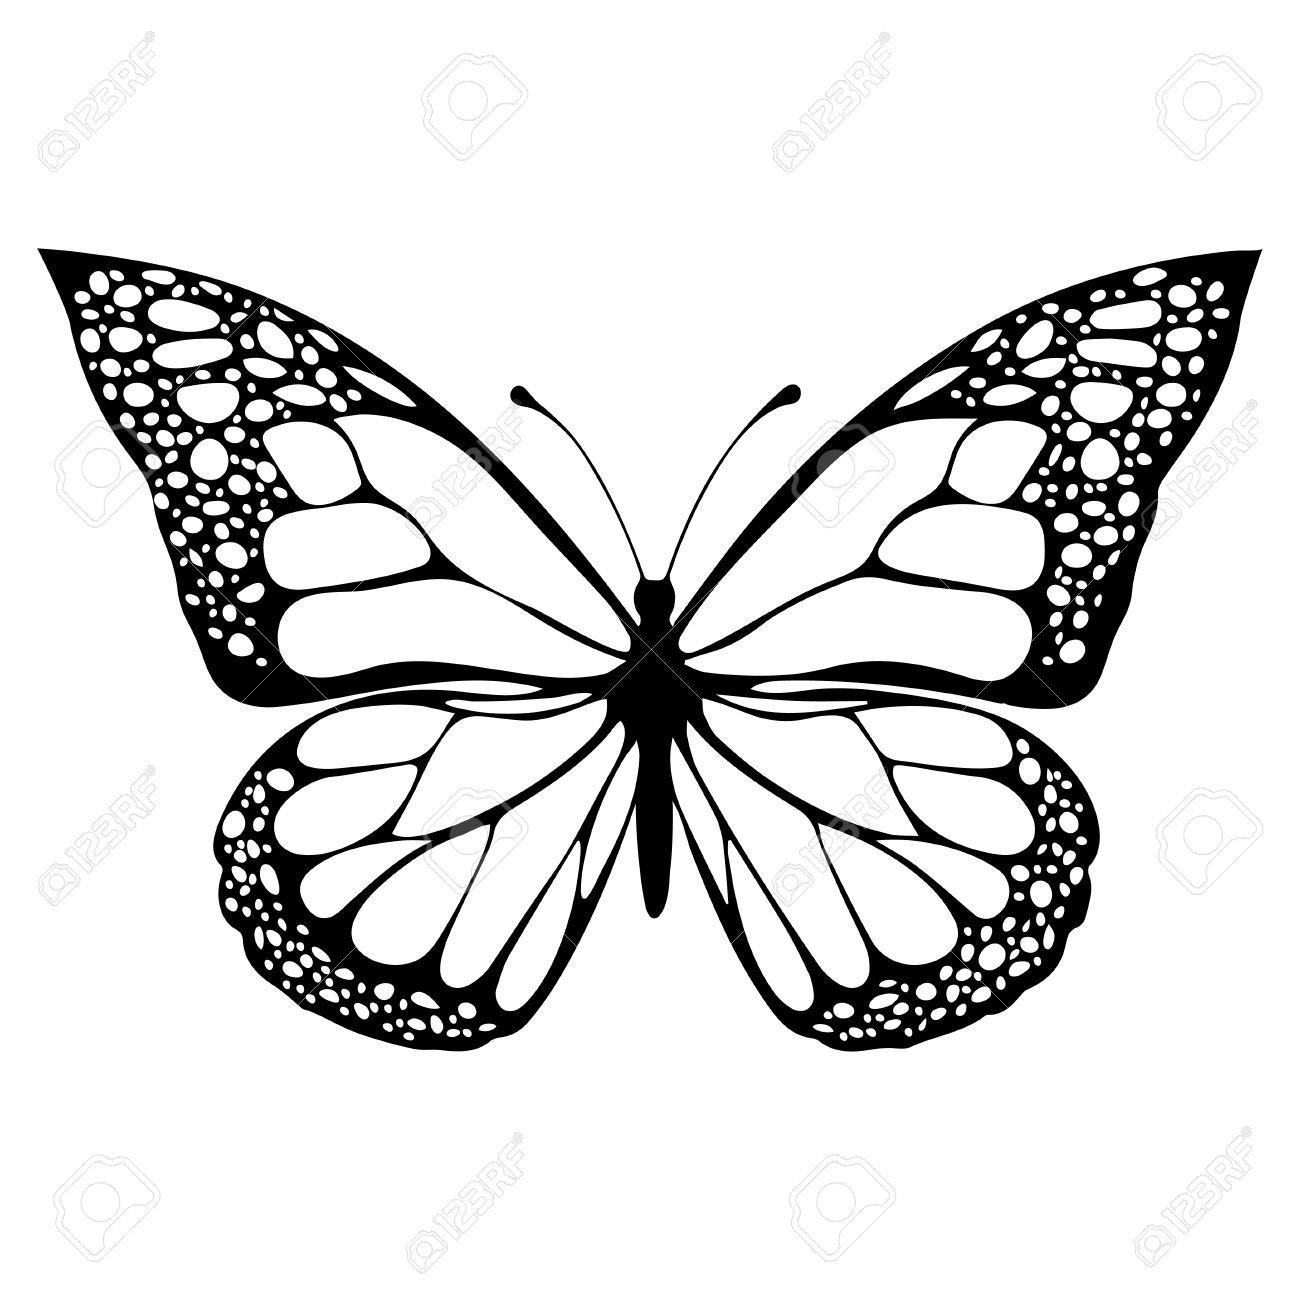 蝶モノクロ塗り絵黒と白のイラスト手描きタトゥー スケッチ